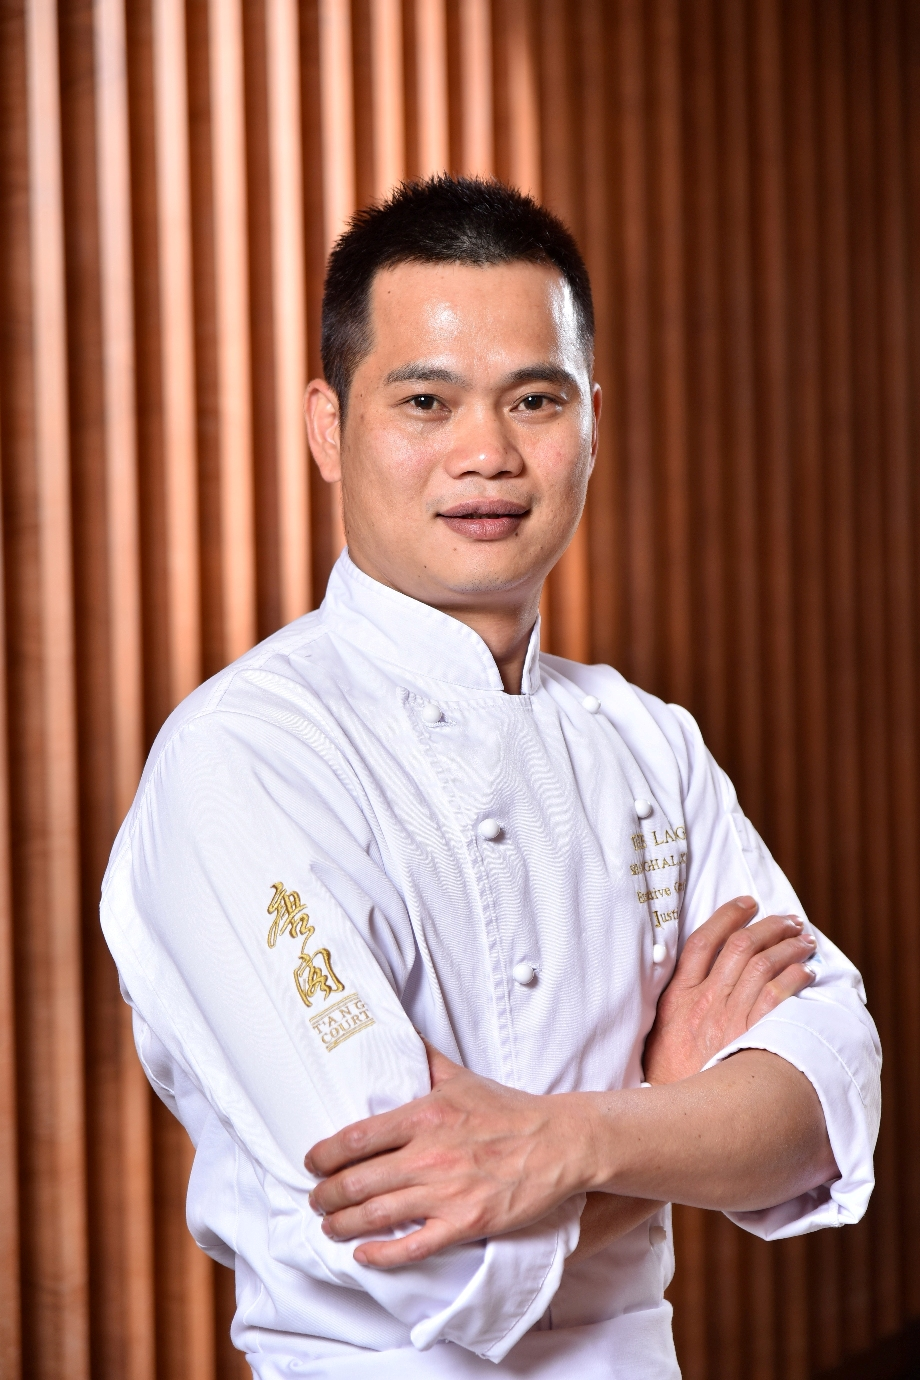 唐阁中餐厅成为中国内地首家米其林三星餐厅